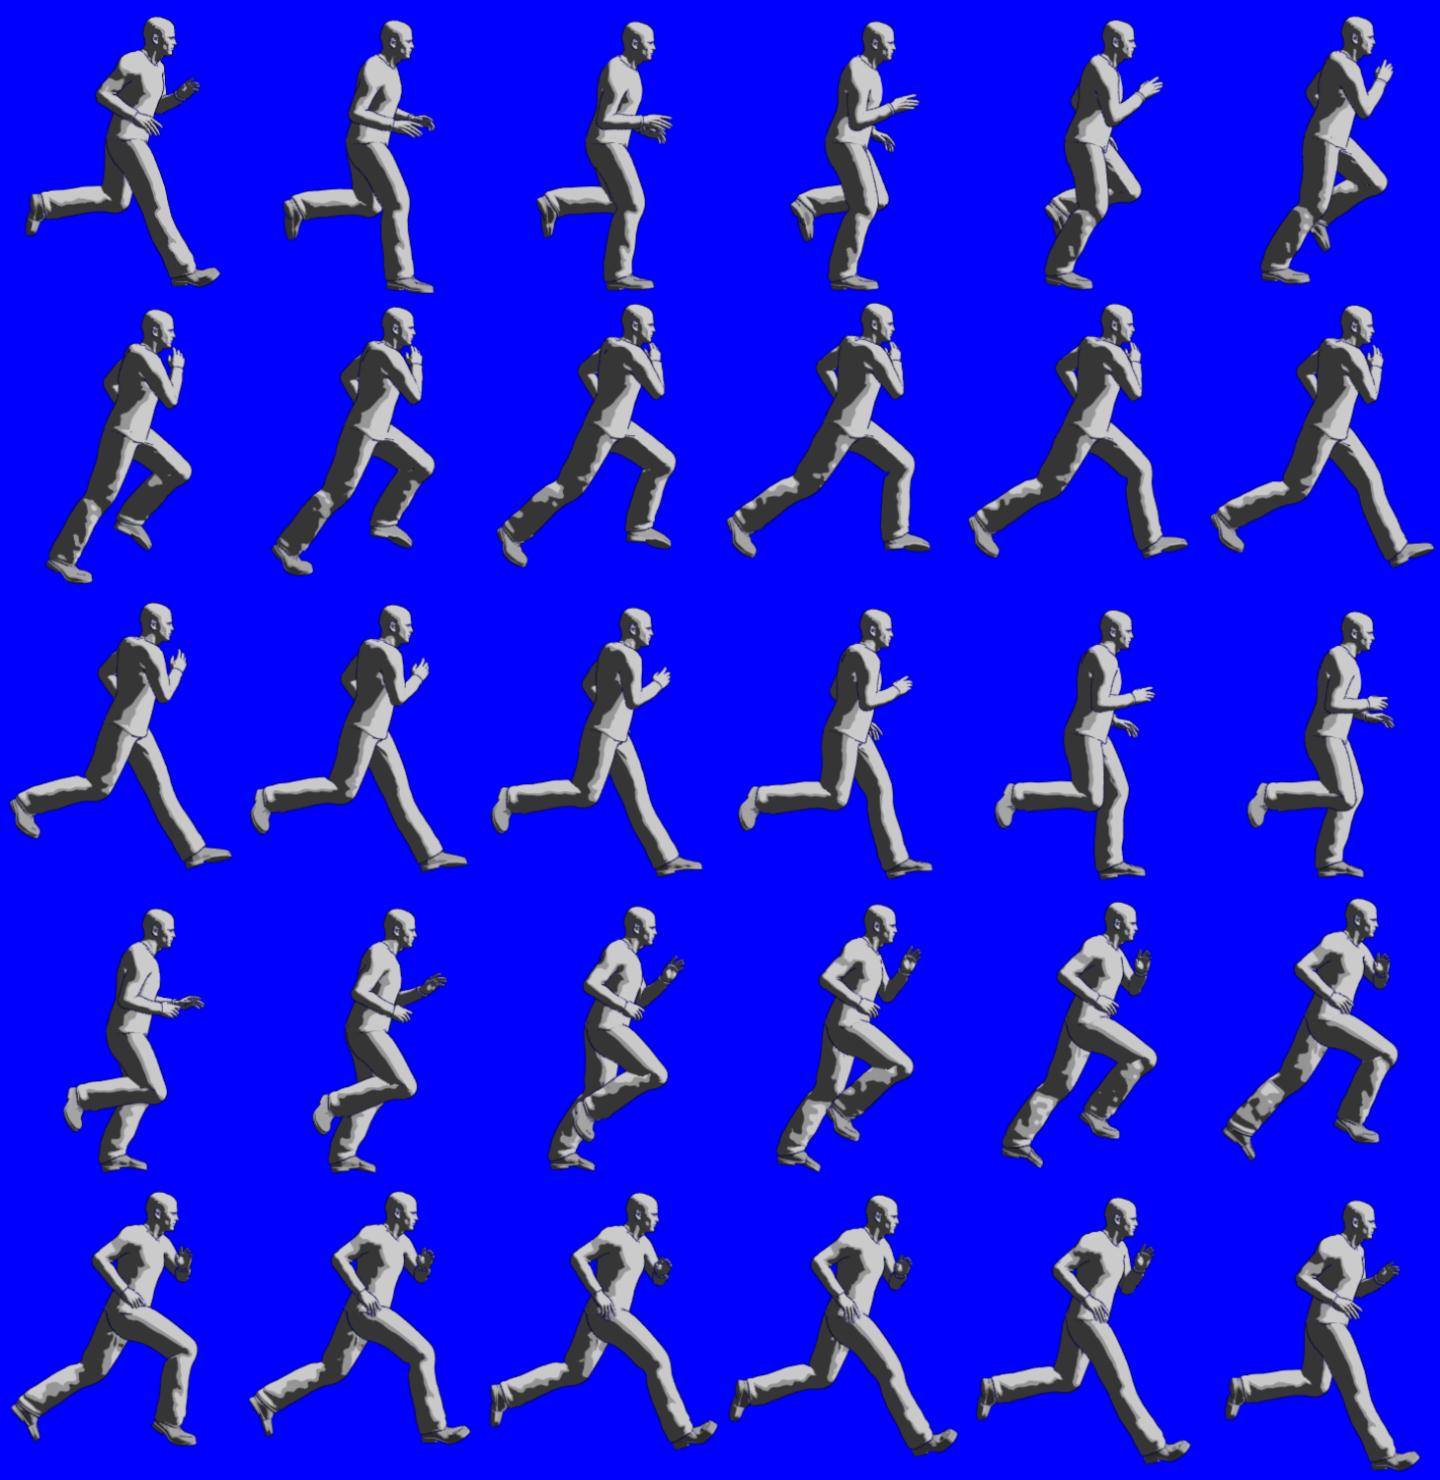 две картинки для создания анимации поверхности